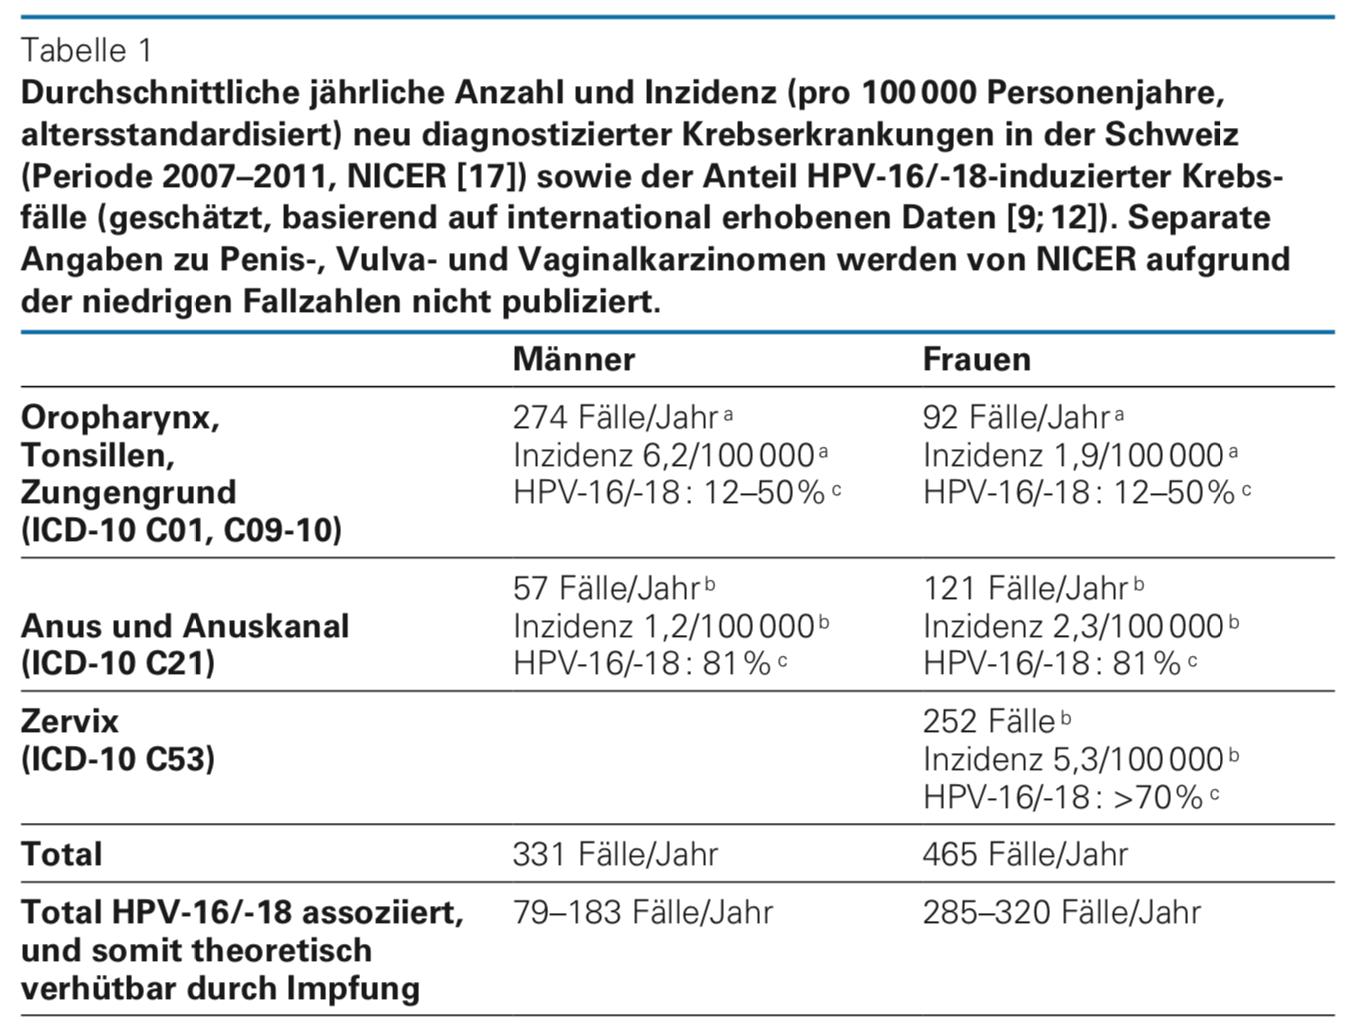 gardasil impfung kosten hpv vaccin garcon